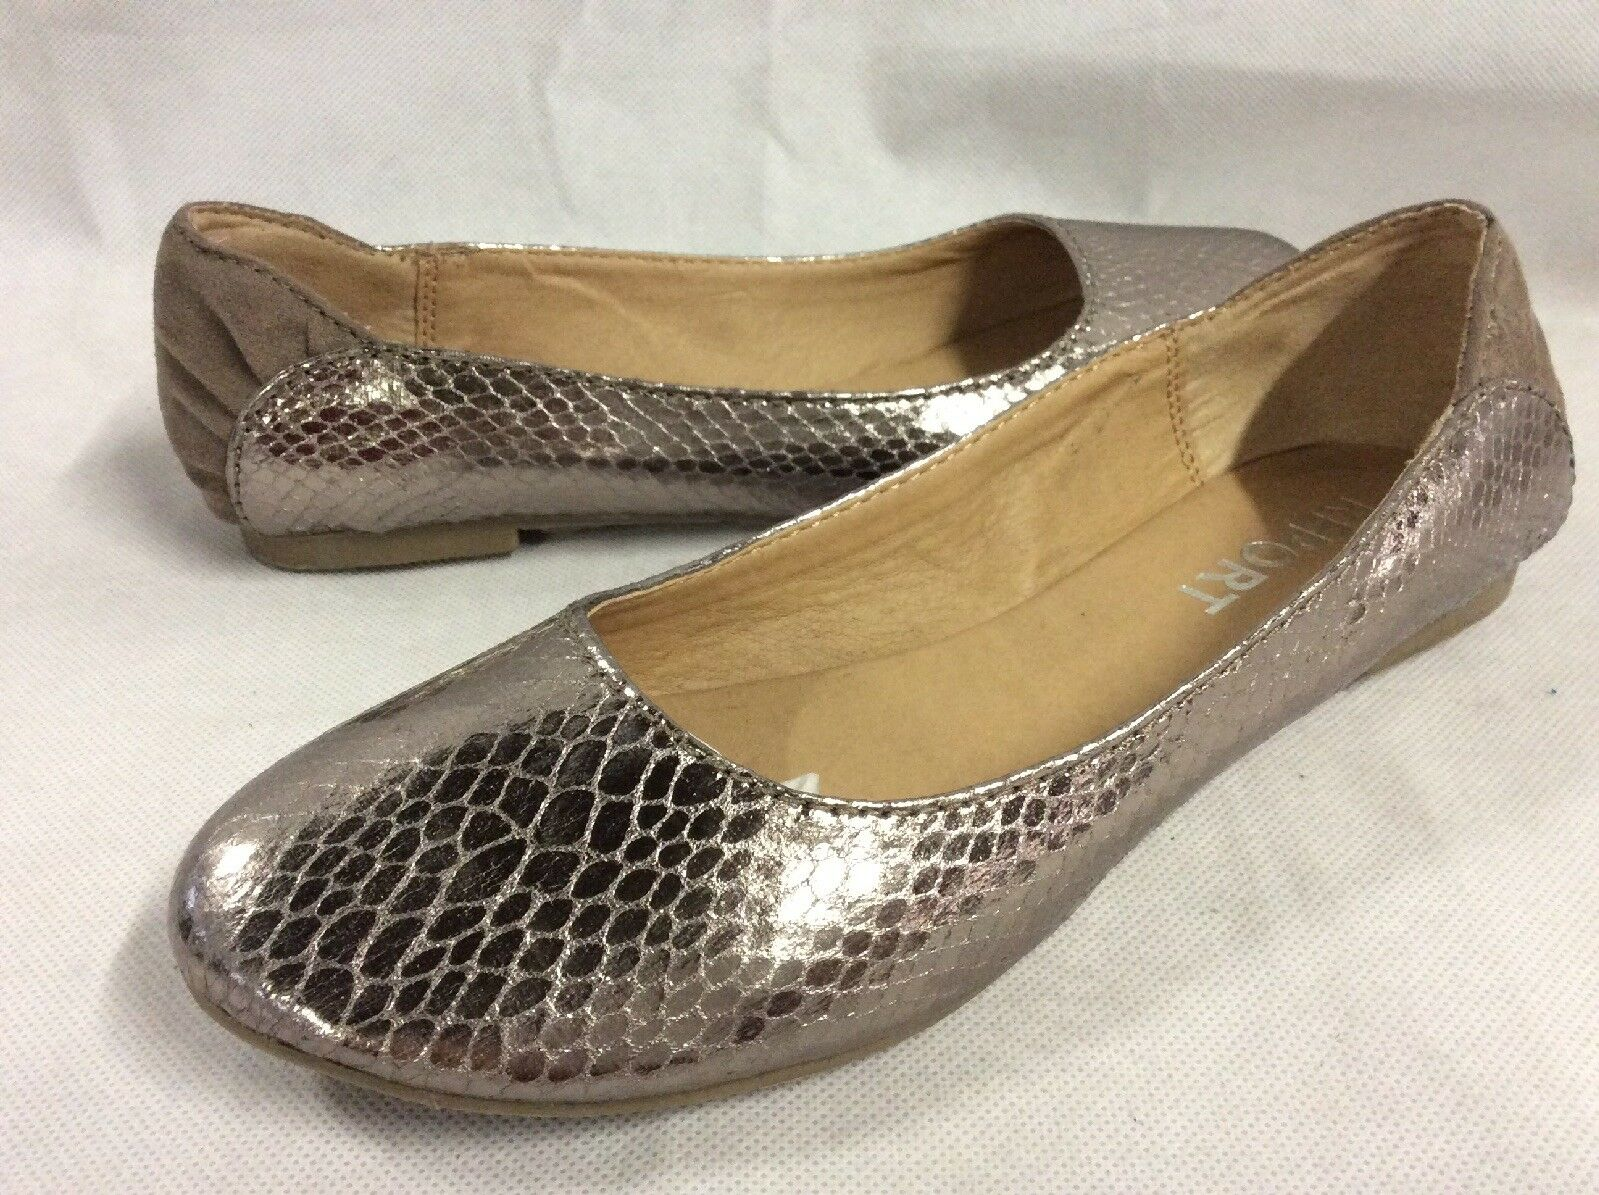 Informe kadience Para Mujer Zapatos Planos, Planos, Planos, Metálico, Talla 6... plana 2  wholesape barato